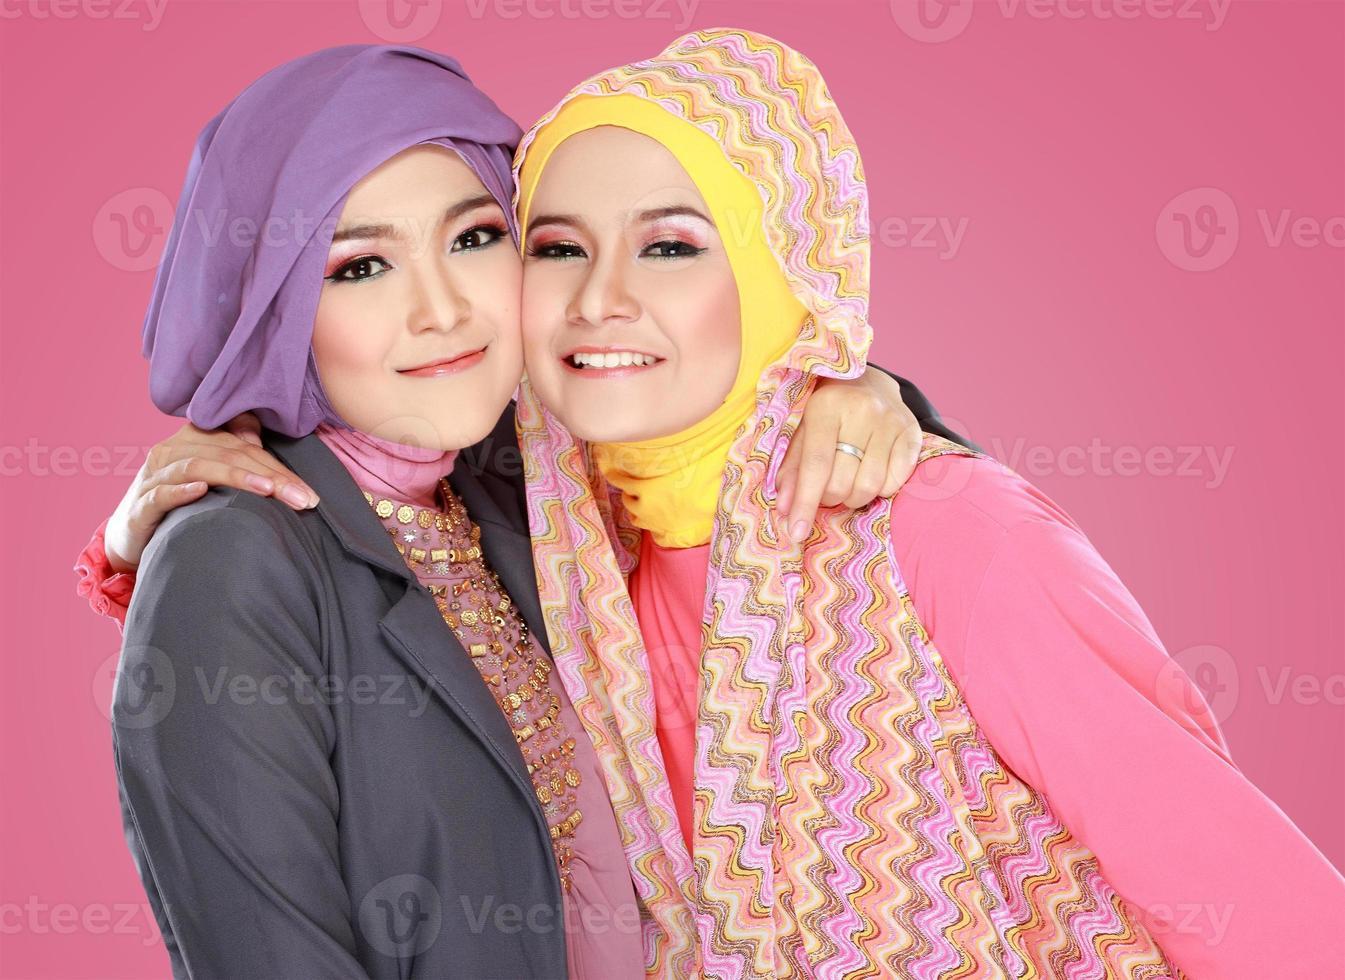 zwei schöne muslimische Frau, die Spaß zusammen hat foto